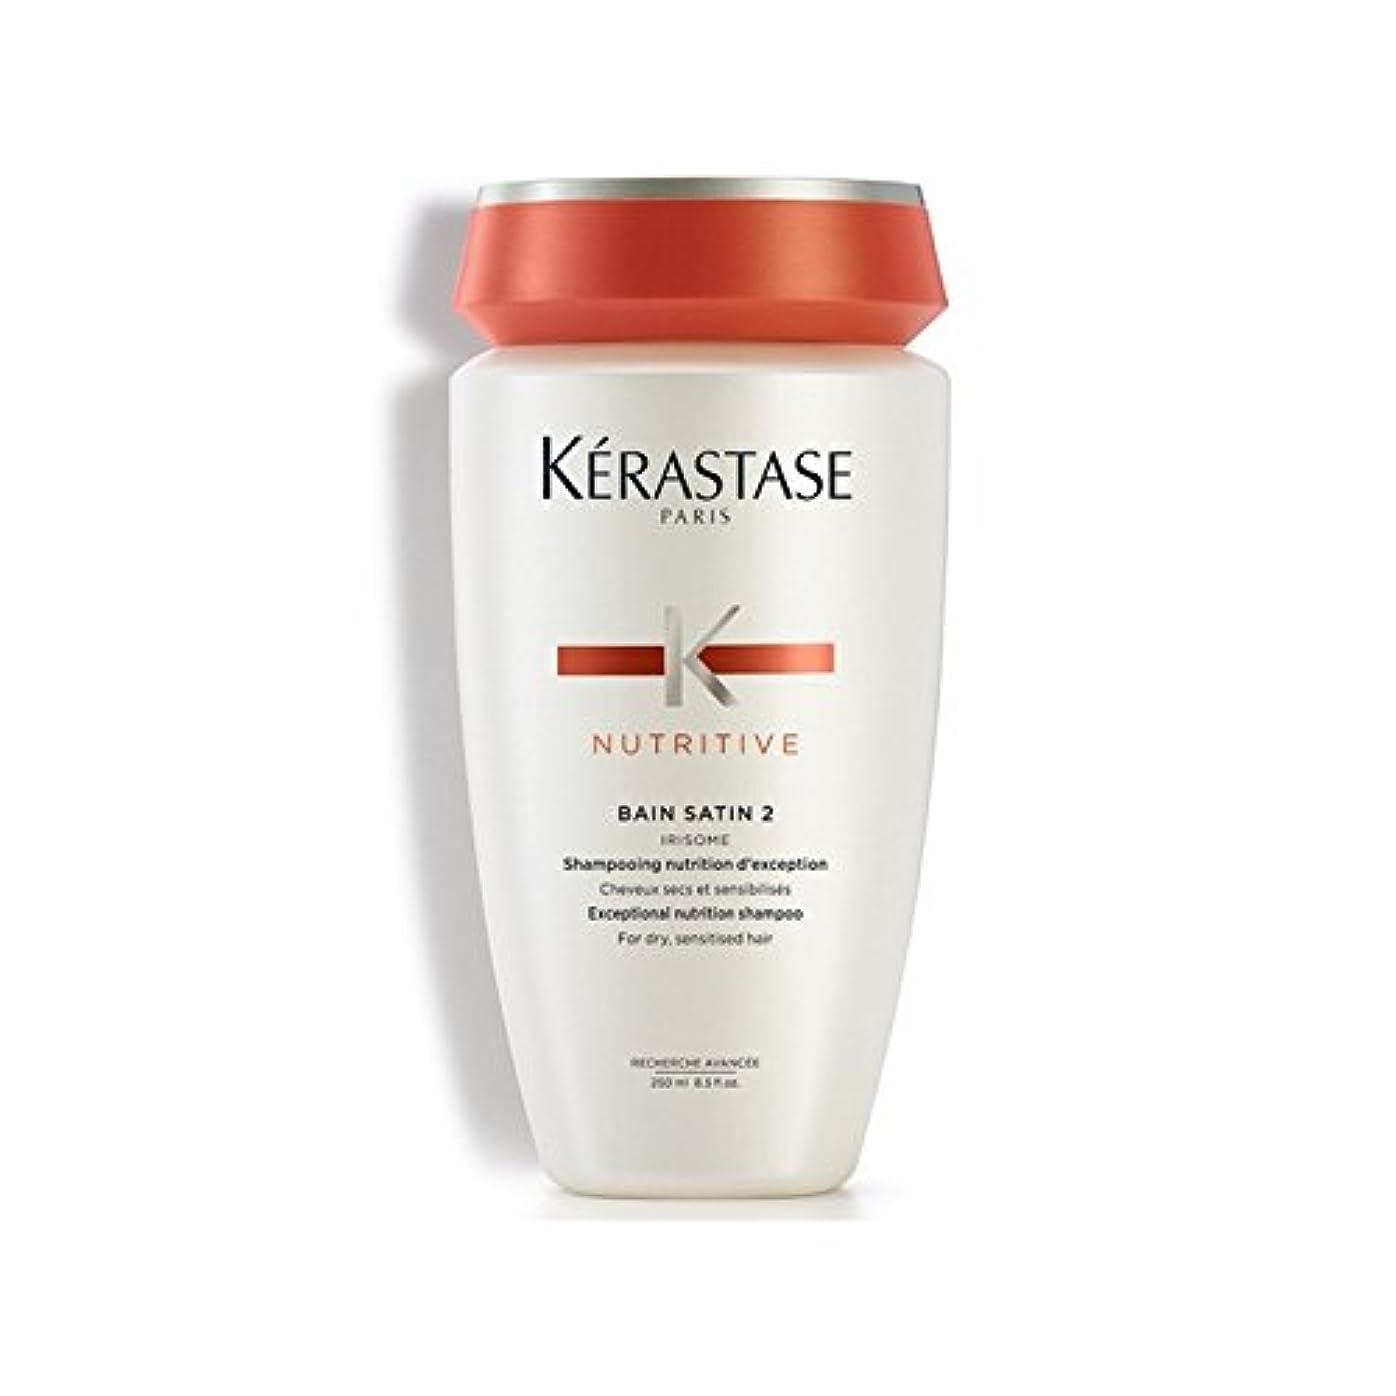 無心排出かわすK?rastase Nutritive Bain Satin 2 250ml (Pack of 6) - ケラスターゼ栄養ベインサテン2 250ミリリットル x6 [並行輸入品]